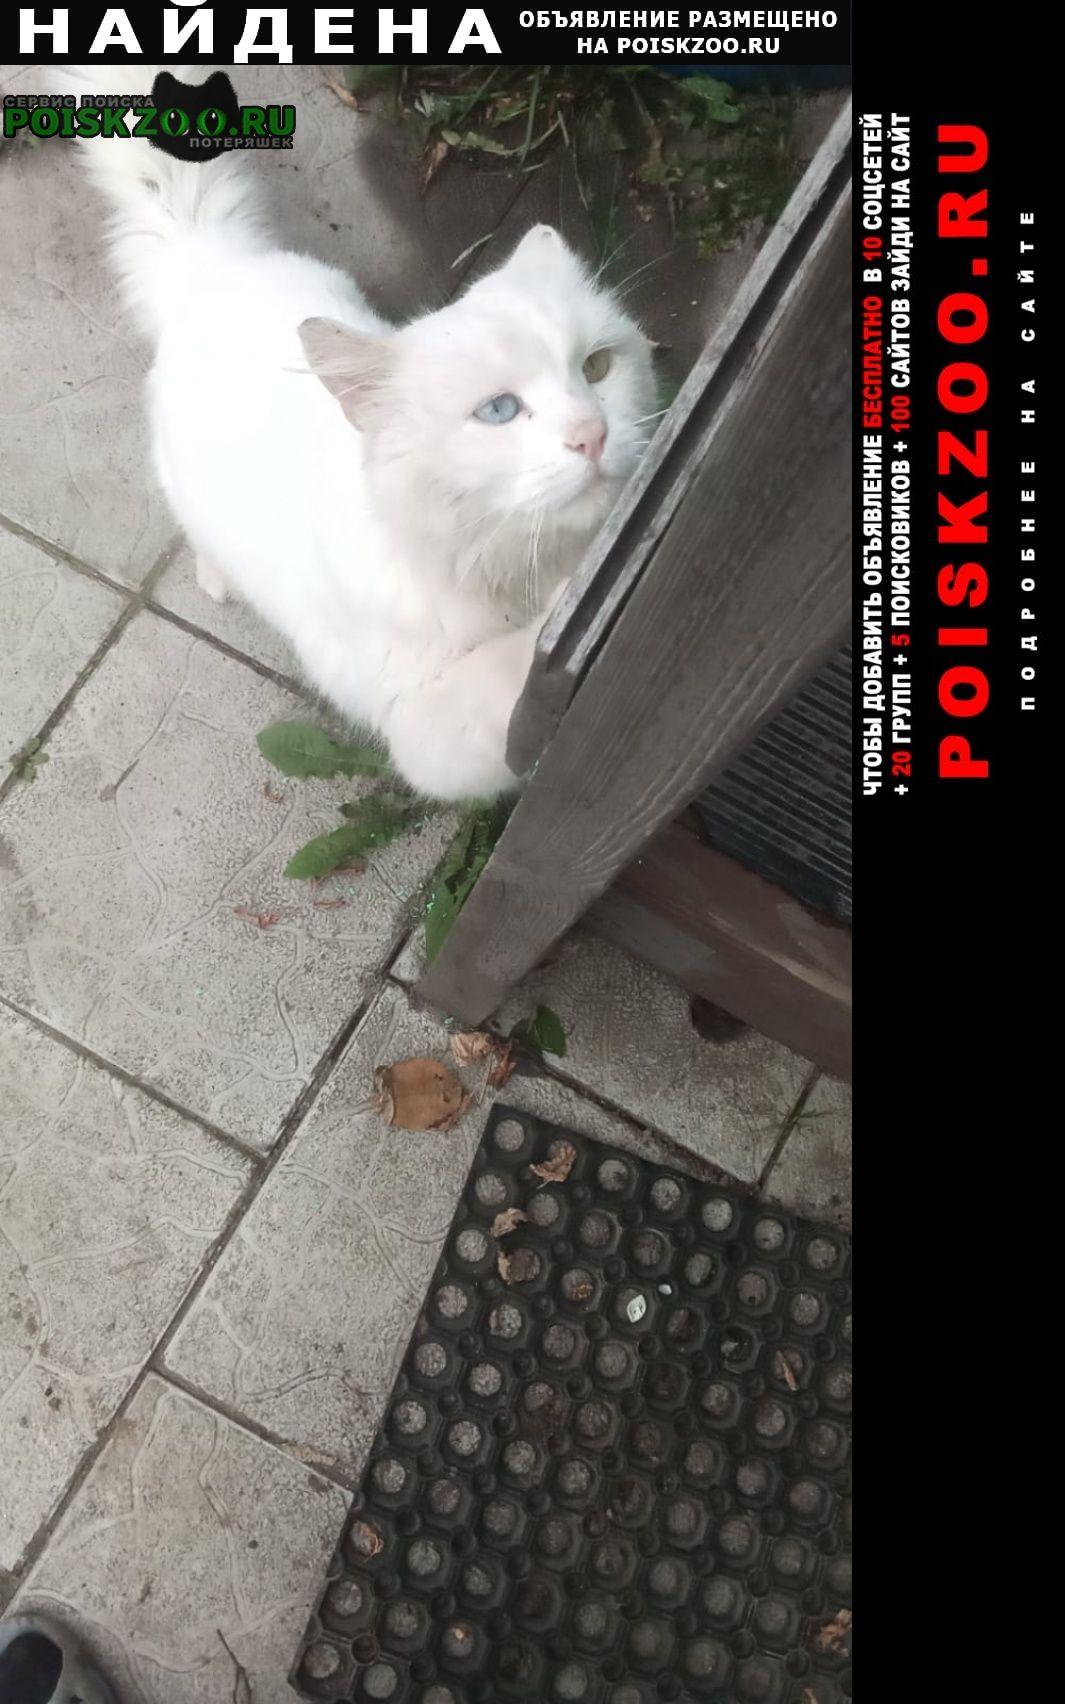 Найдена кошка по деревне гаврилово ходит белый кот Ногинск